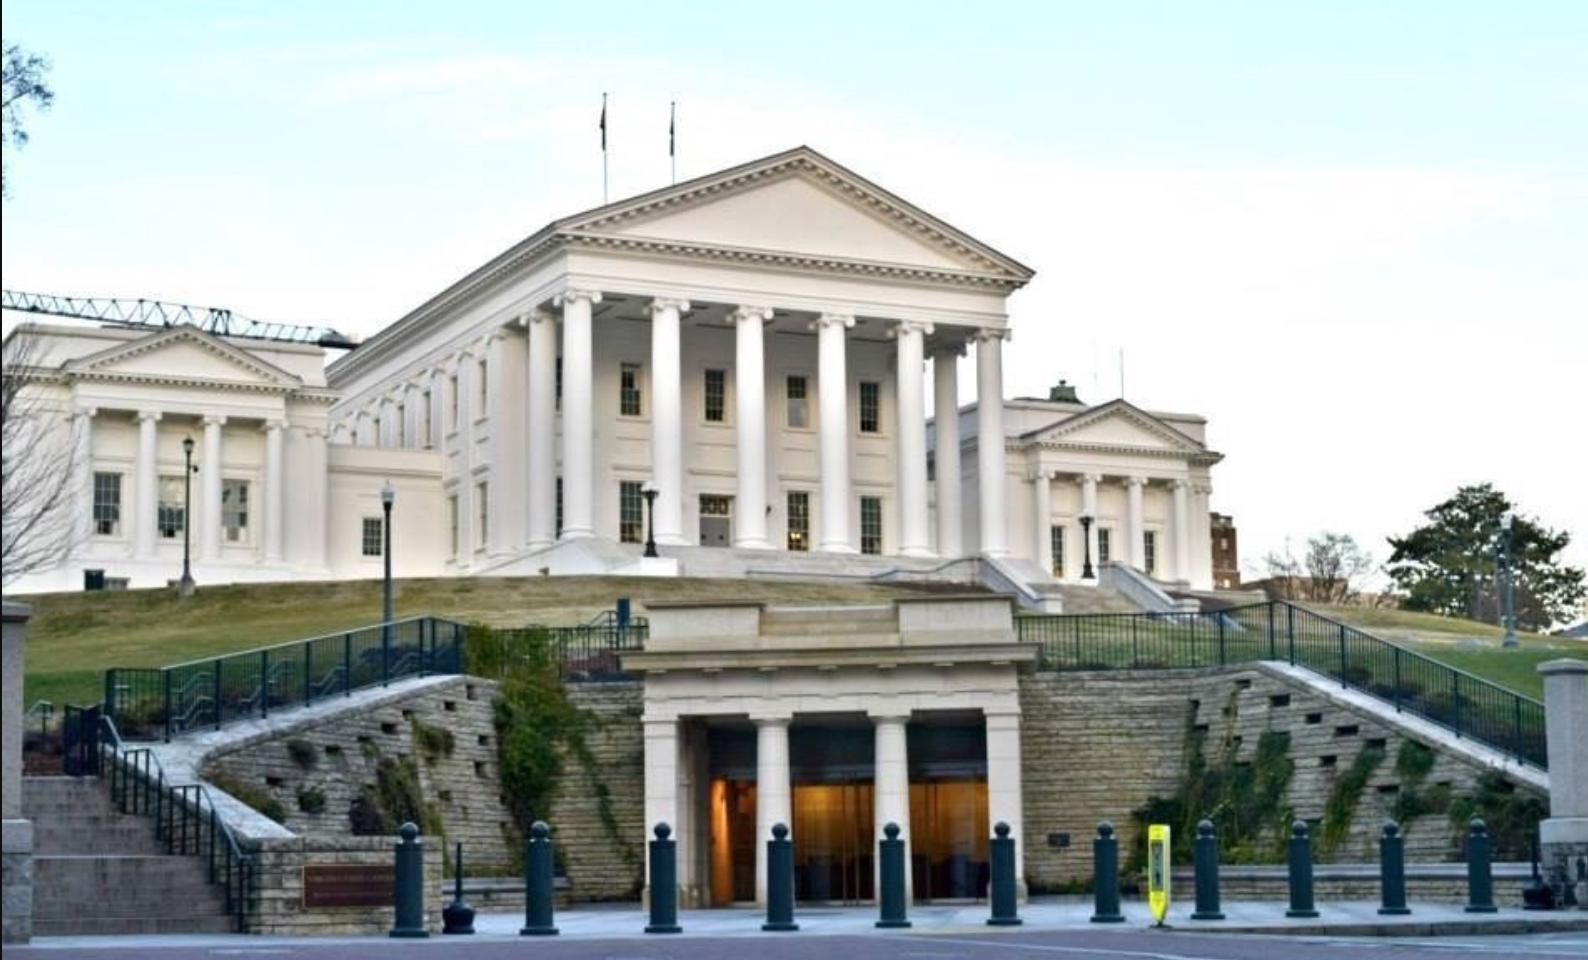 Virginia Capitol Bldg